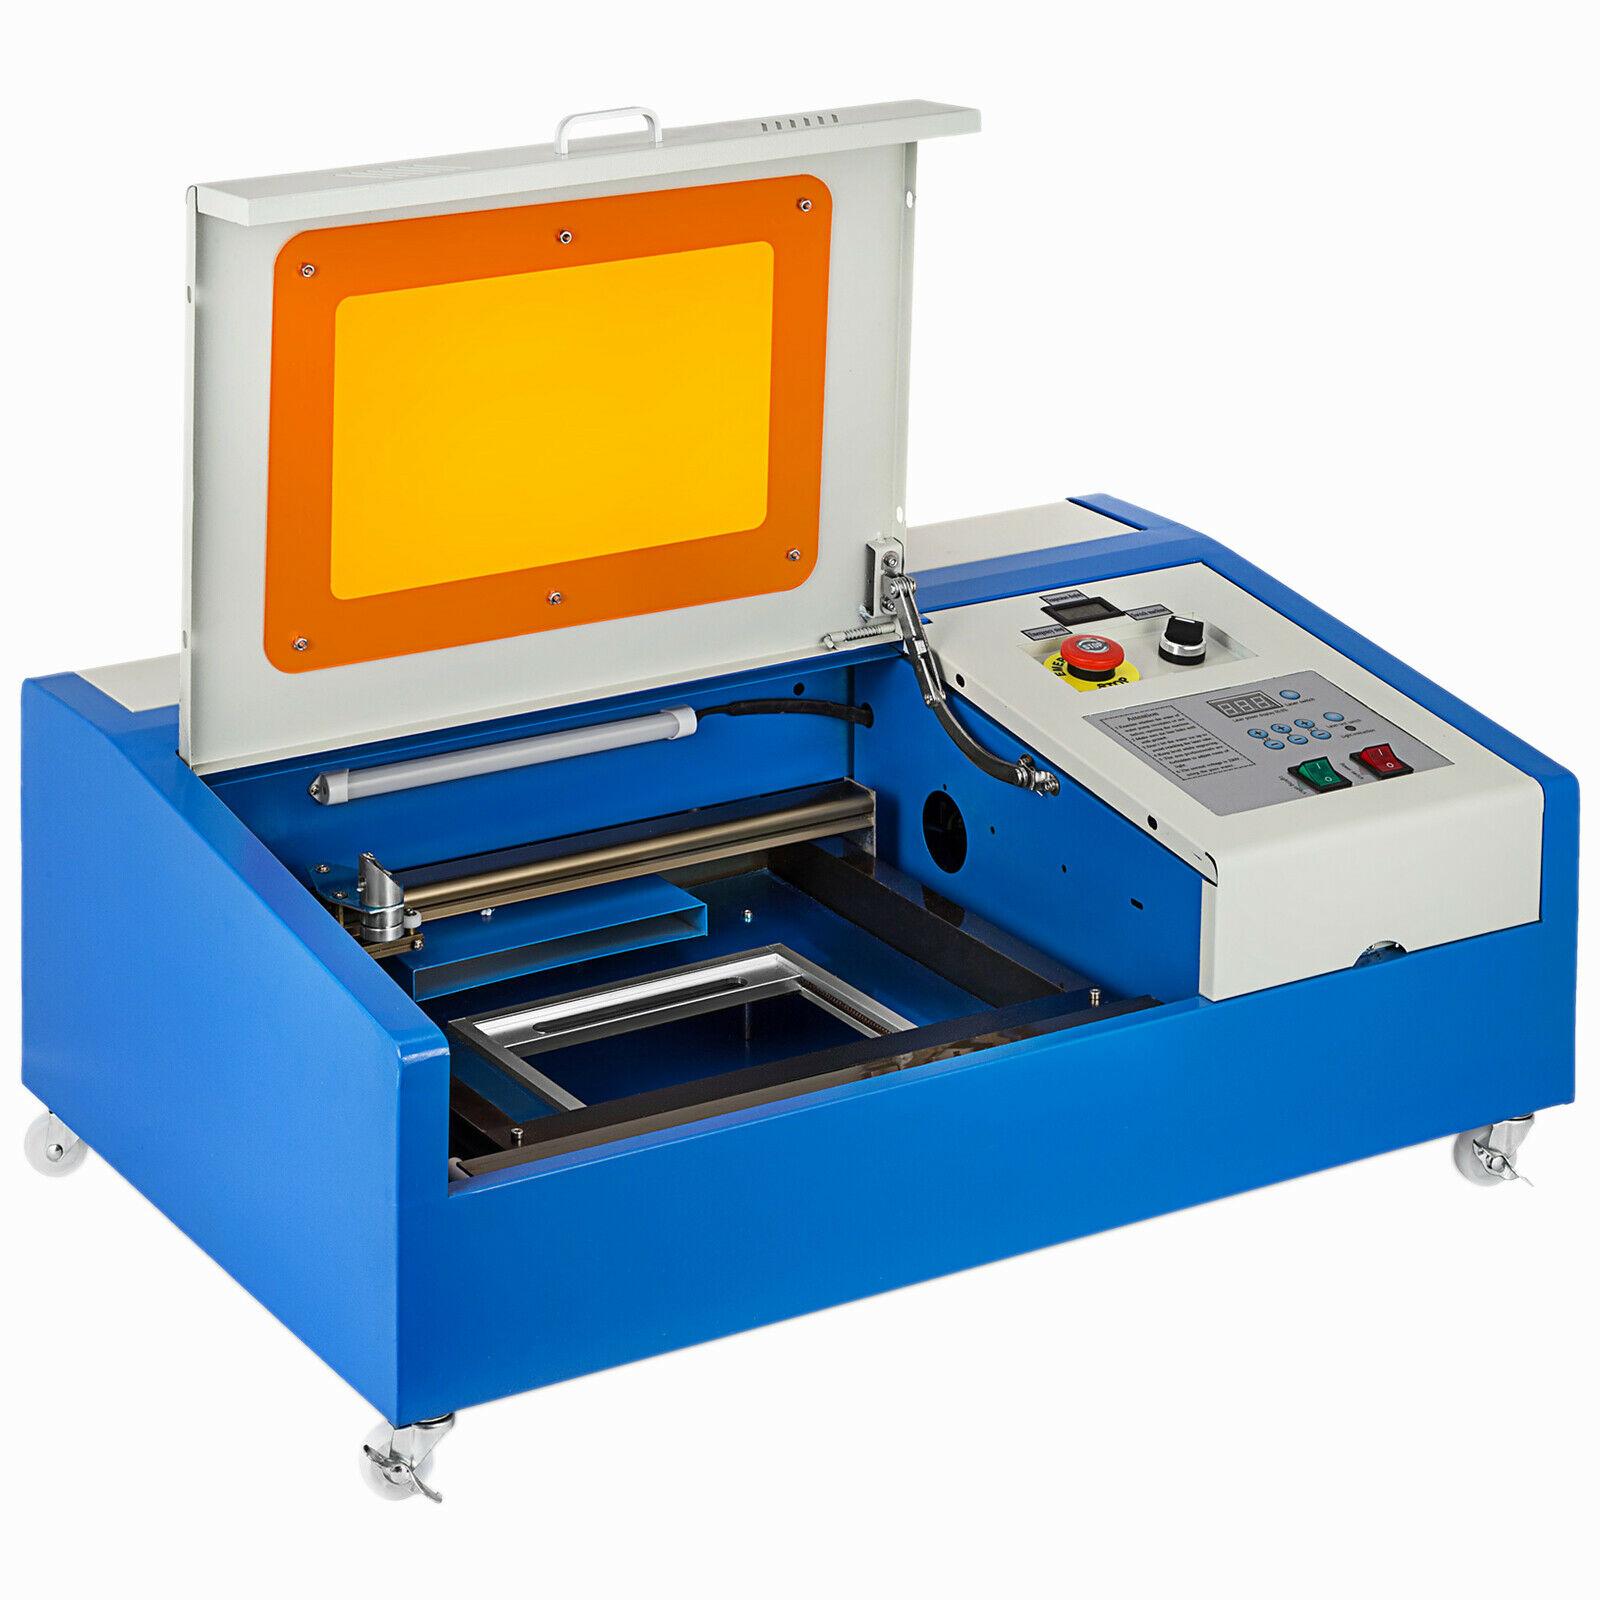 40W CO2 Laser Gravur Schneiden Maschine Engraver Cutter USB Port